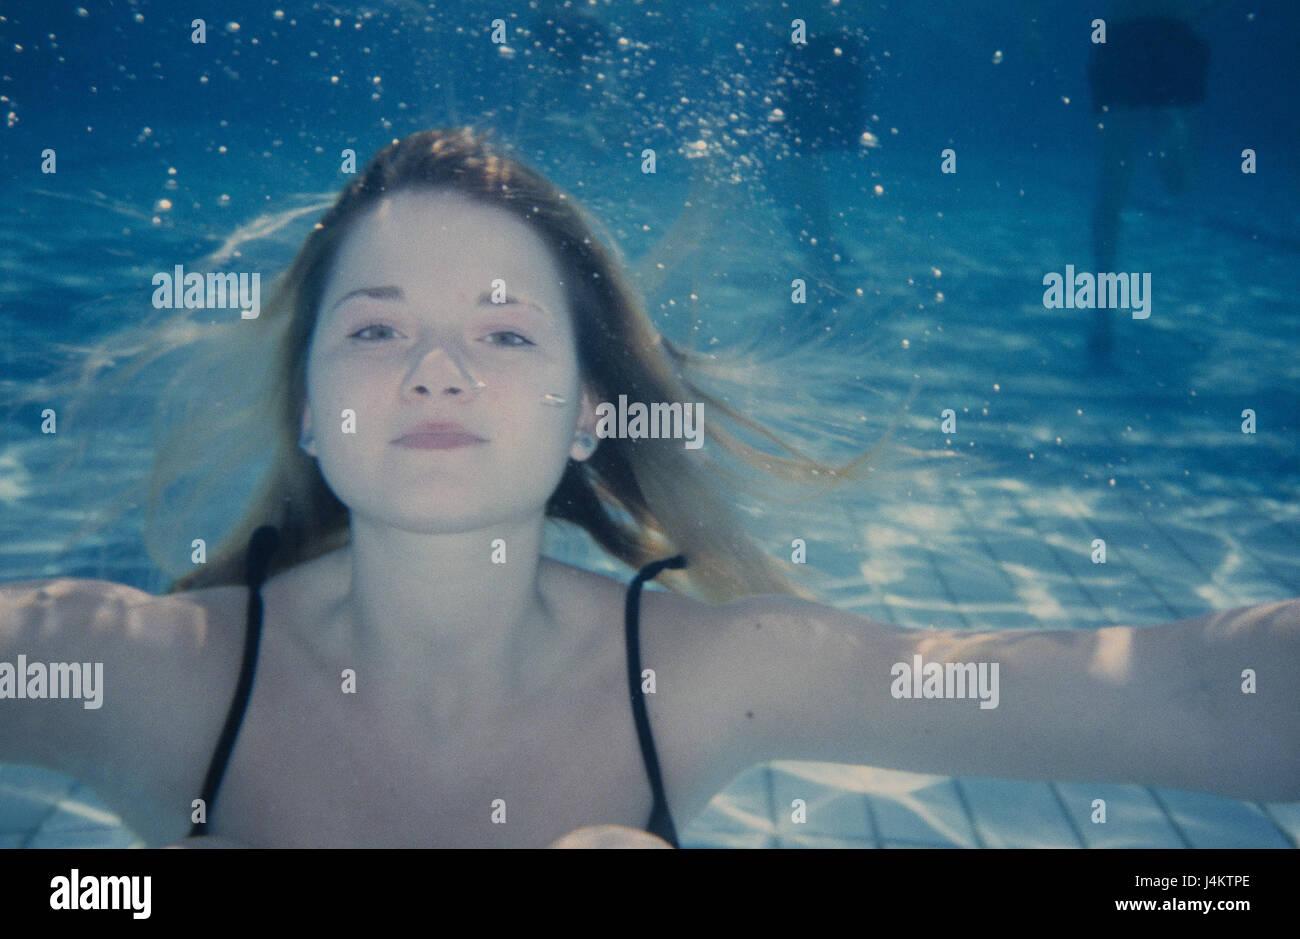 eaa4583e68 Piscina, registrazione subacquea, donna, giovane, pelle-dive sotto l'acqua,  il costume da bagno, nuotare, nuotatore, sport, nuoto, sportily,  attivamente, ...